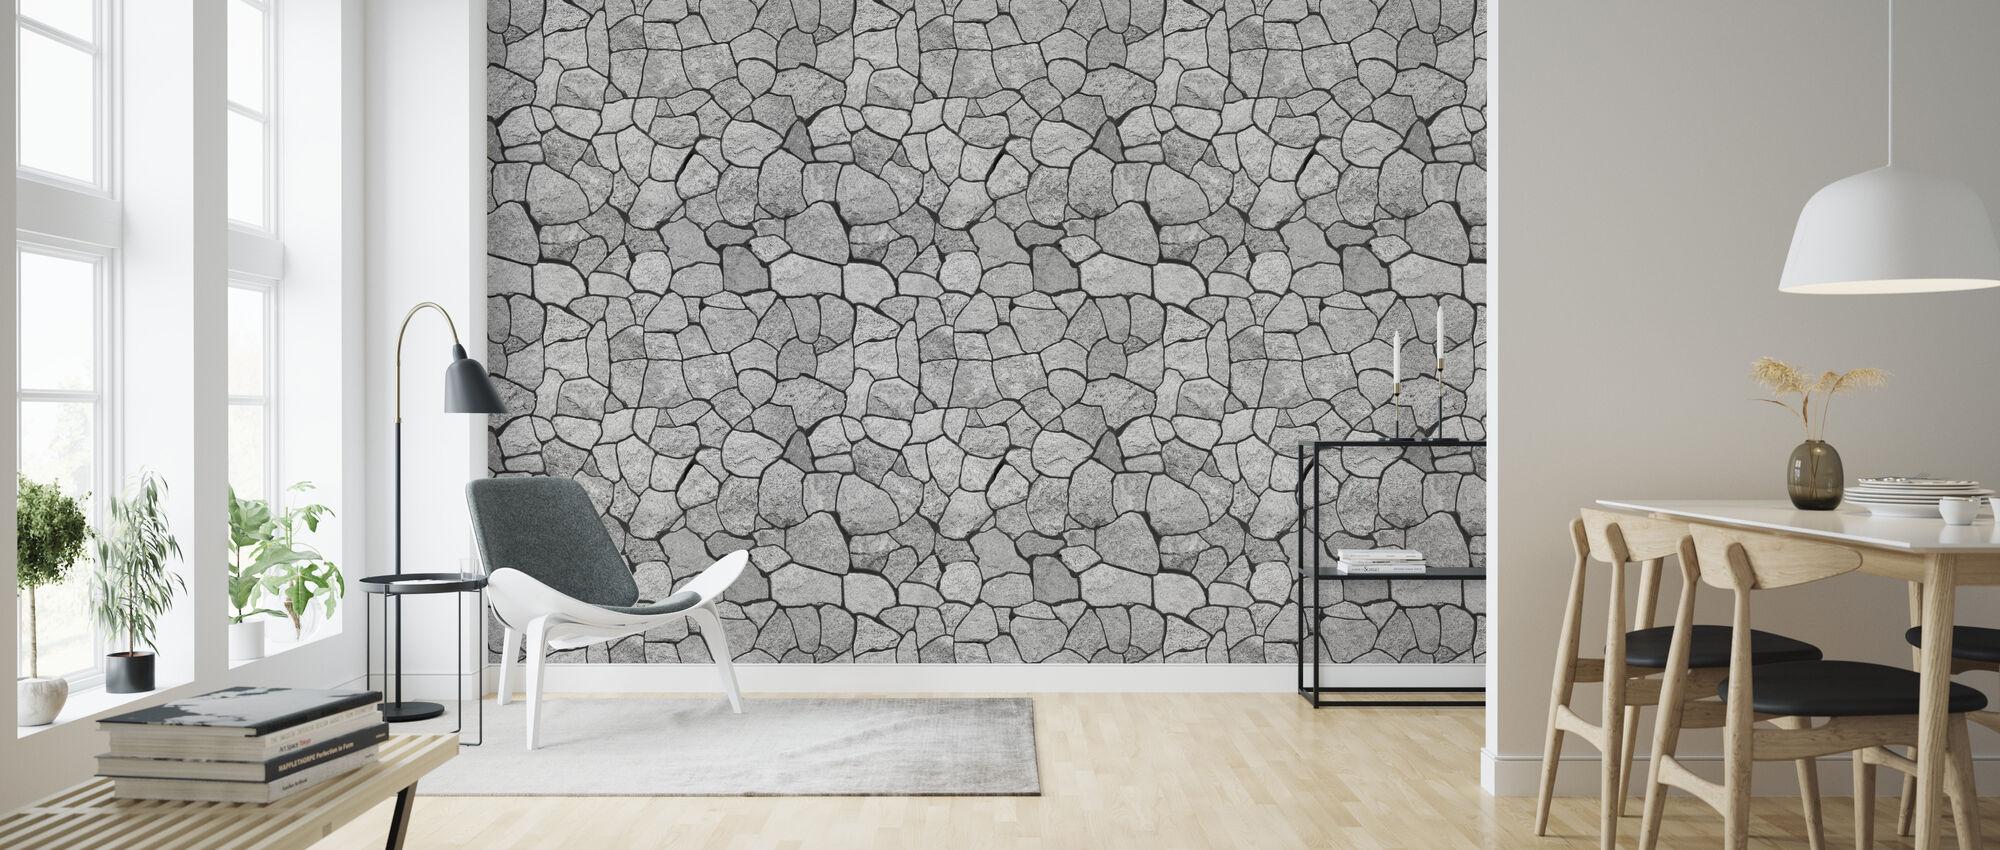 Granit vägg - Tapet - Vardagsrum